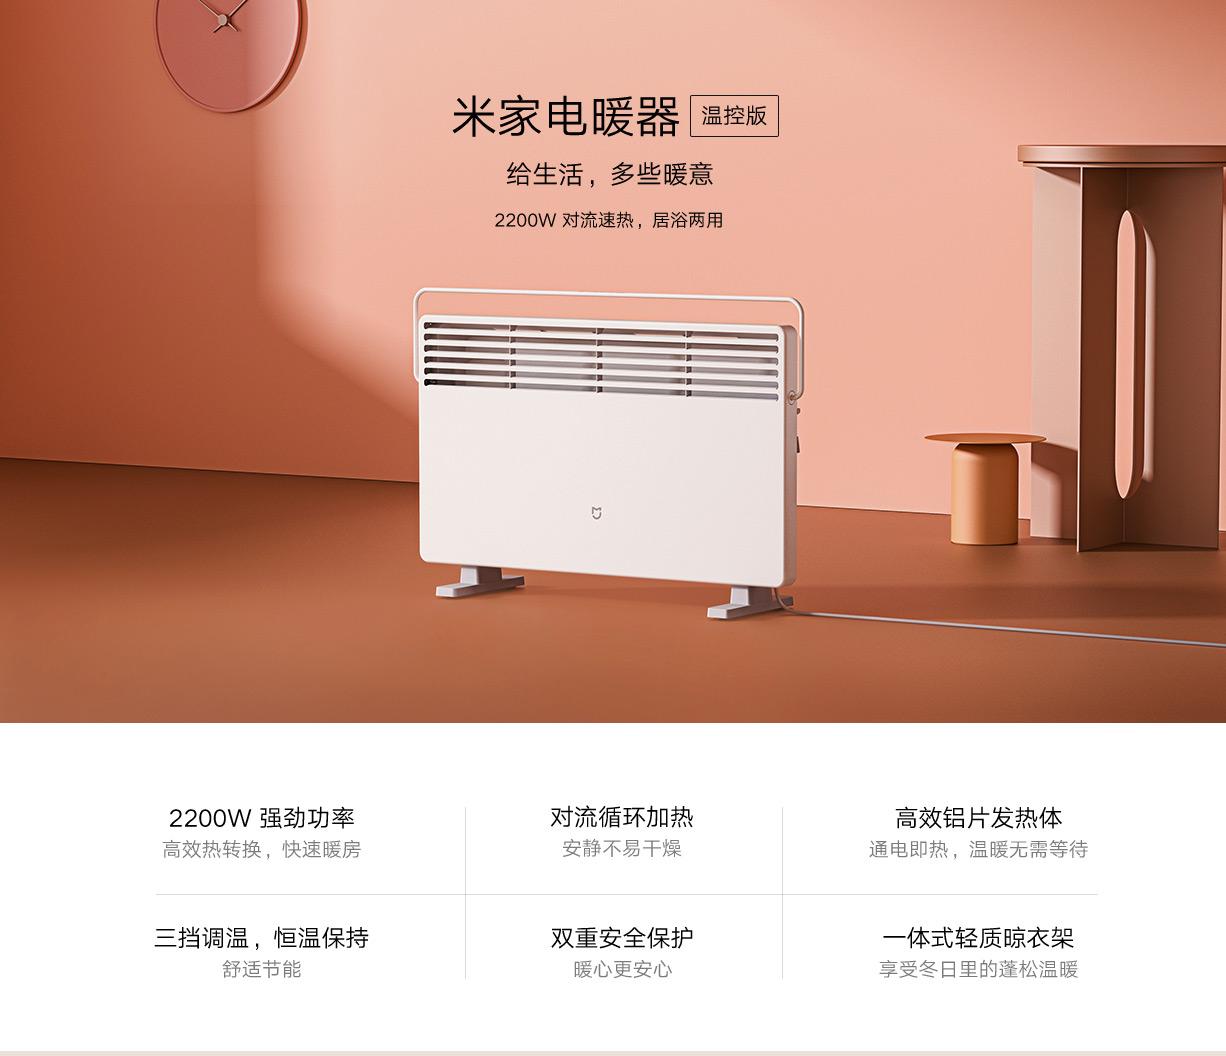 图片[2]-喜中小米官方米家电暖器温控版-李峰博客